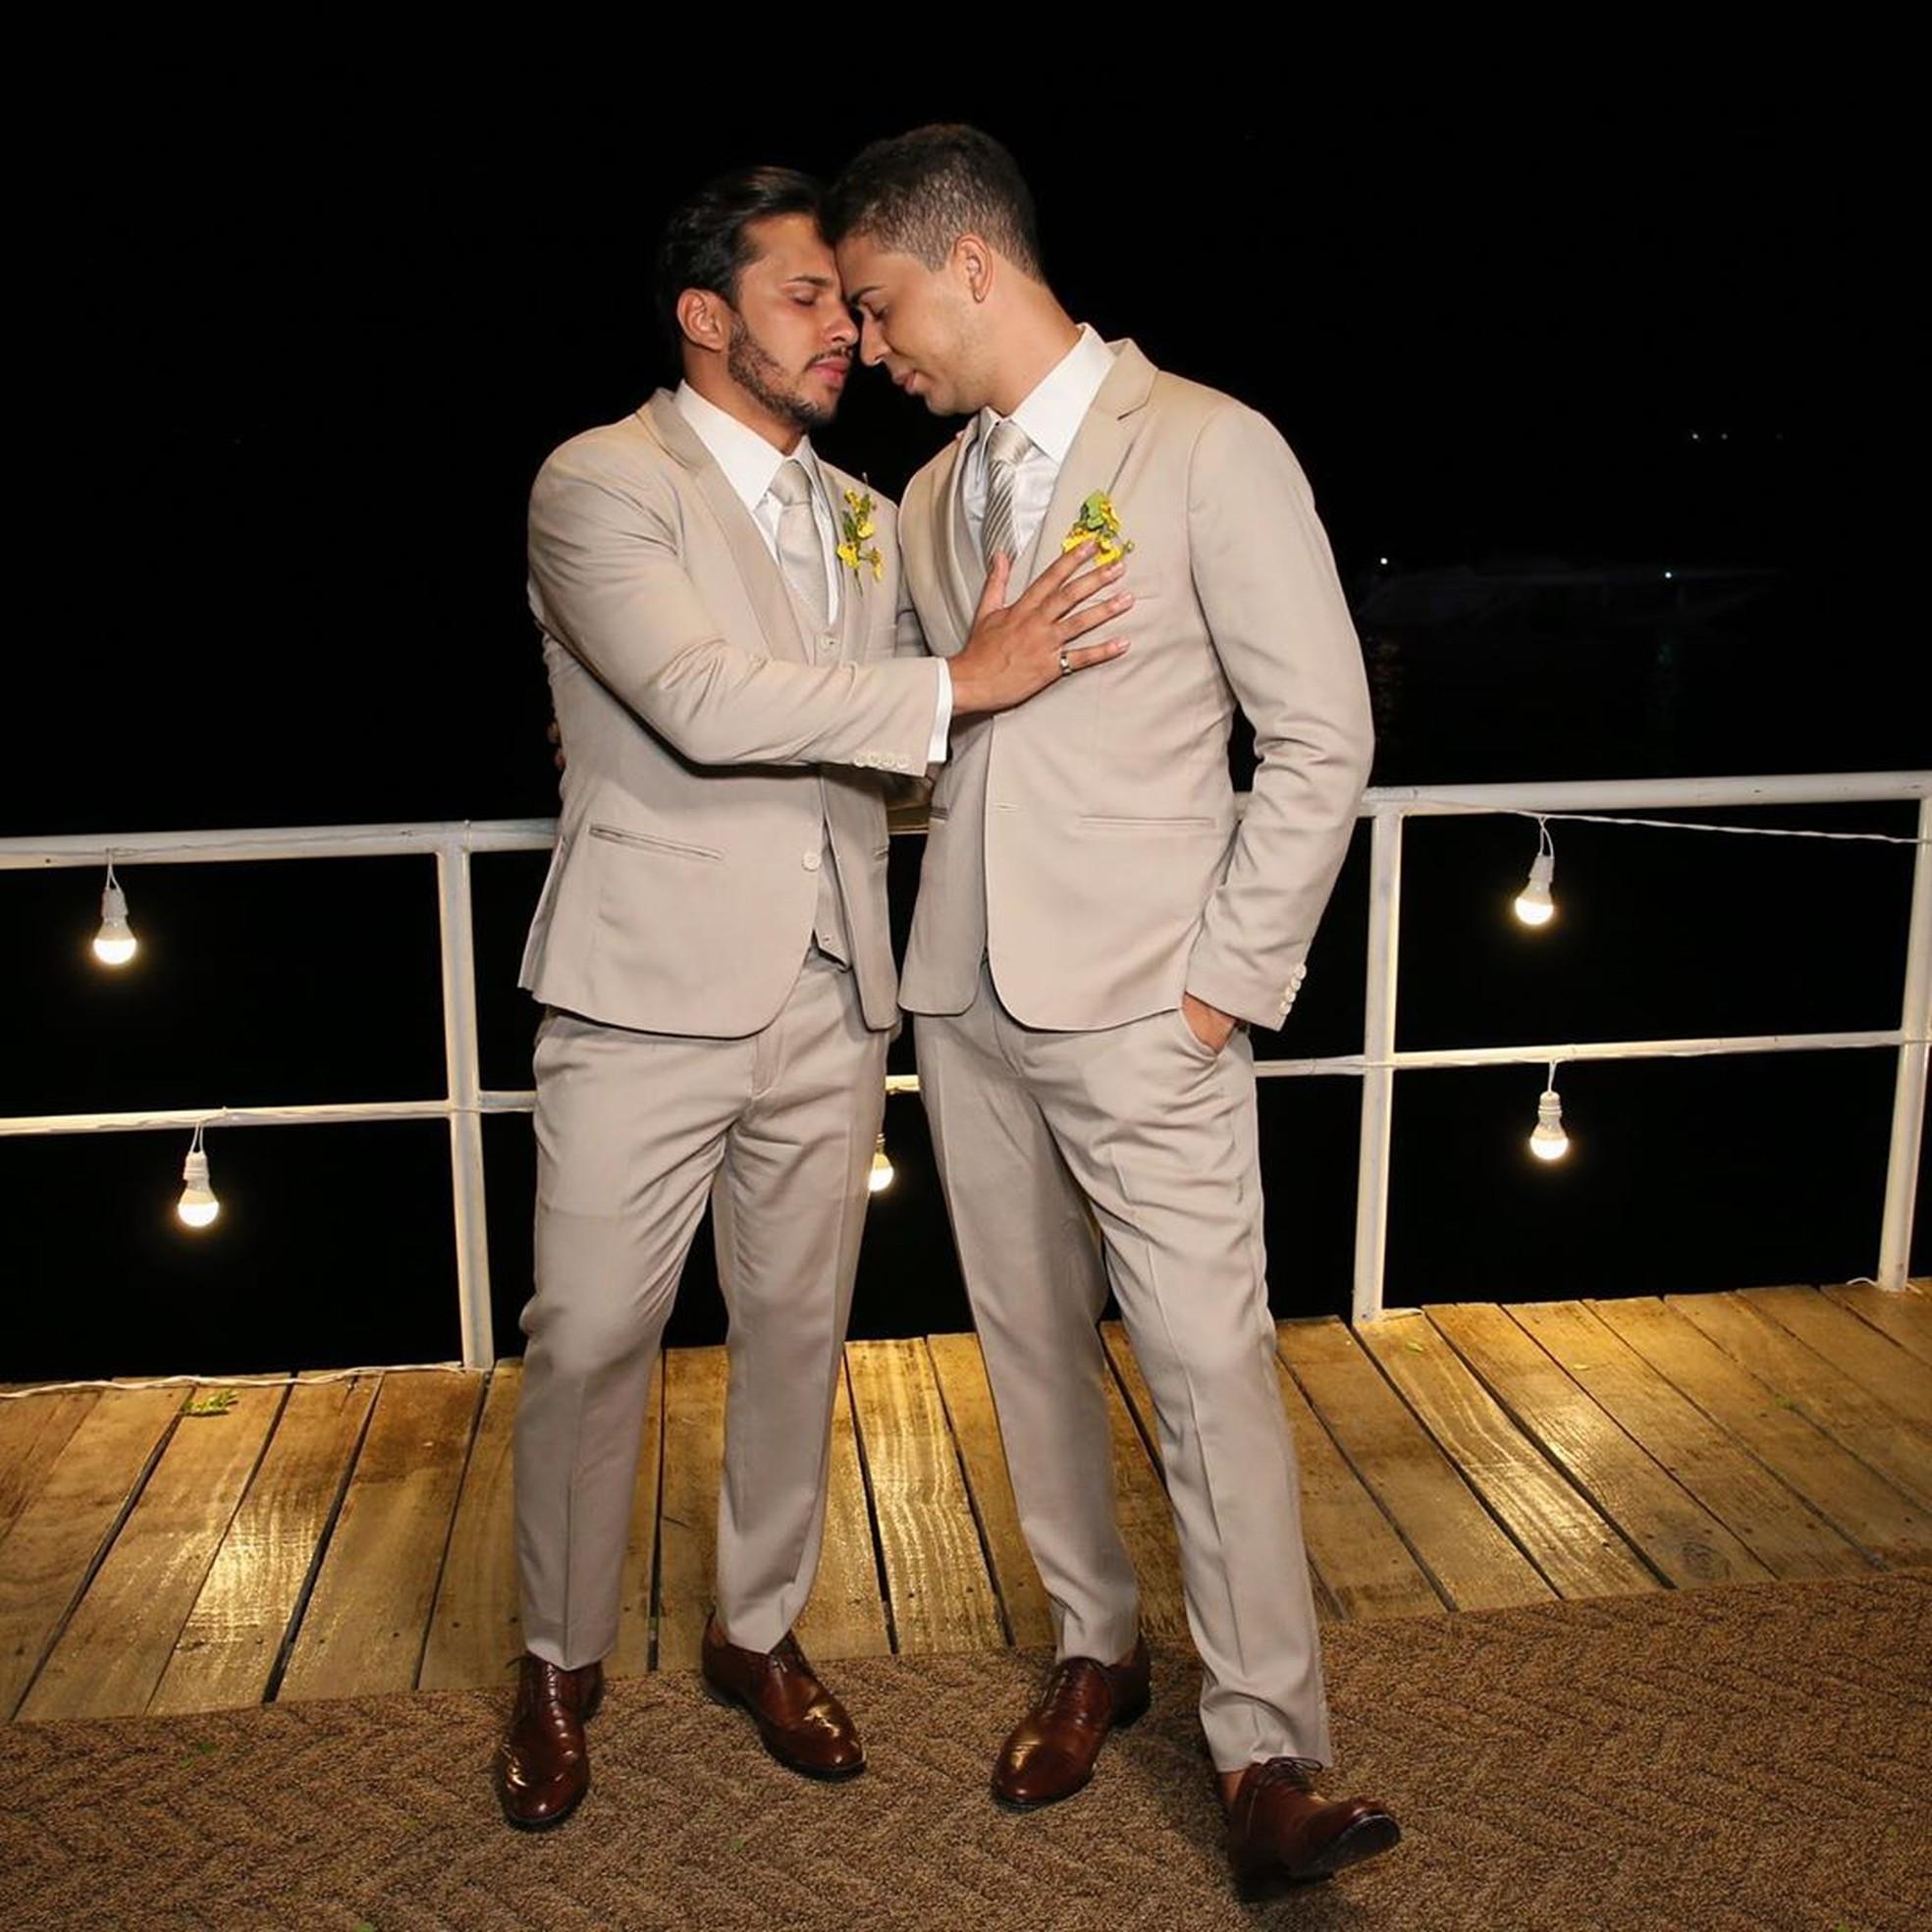 Carlinhos Maia e Lucas Guimarães casados — Foto: Davi Nascimento/Reprodução/Instagram